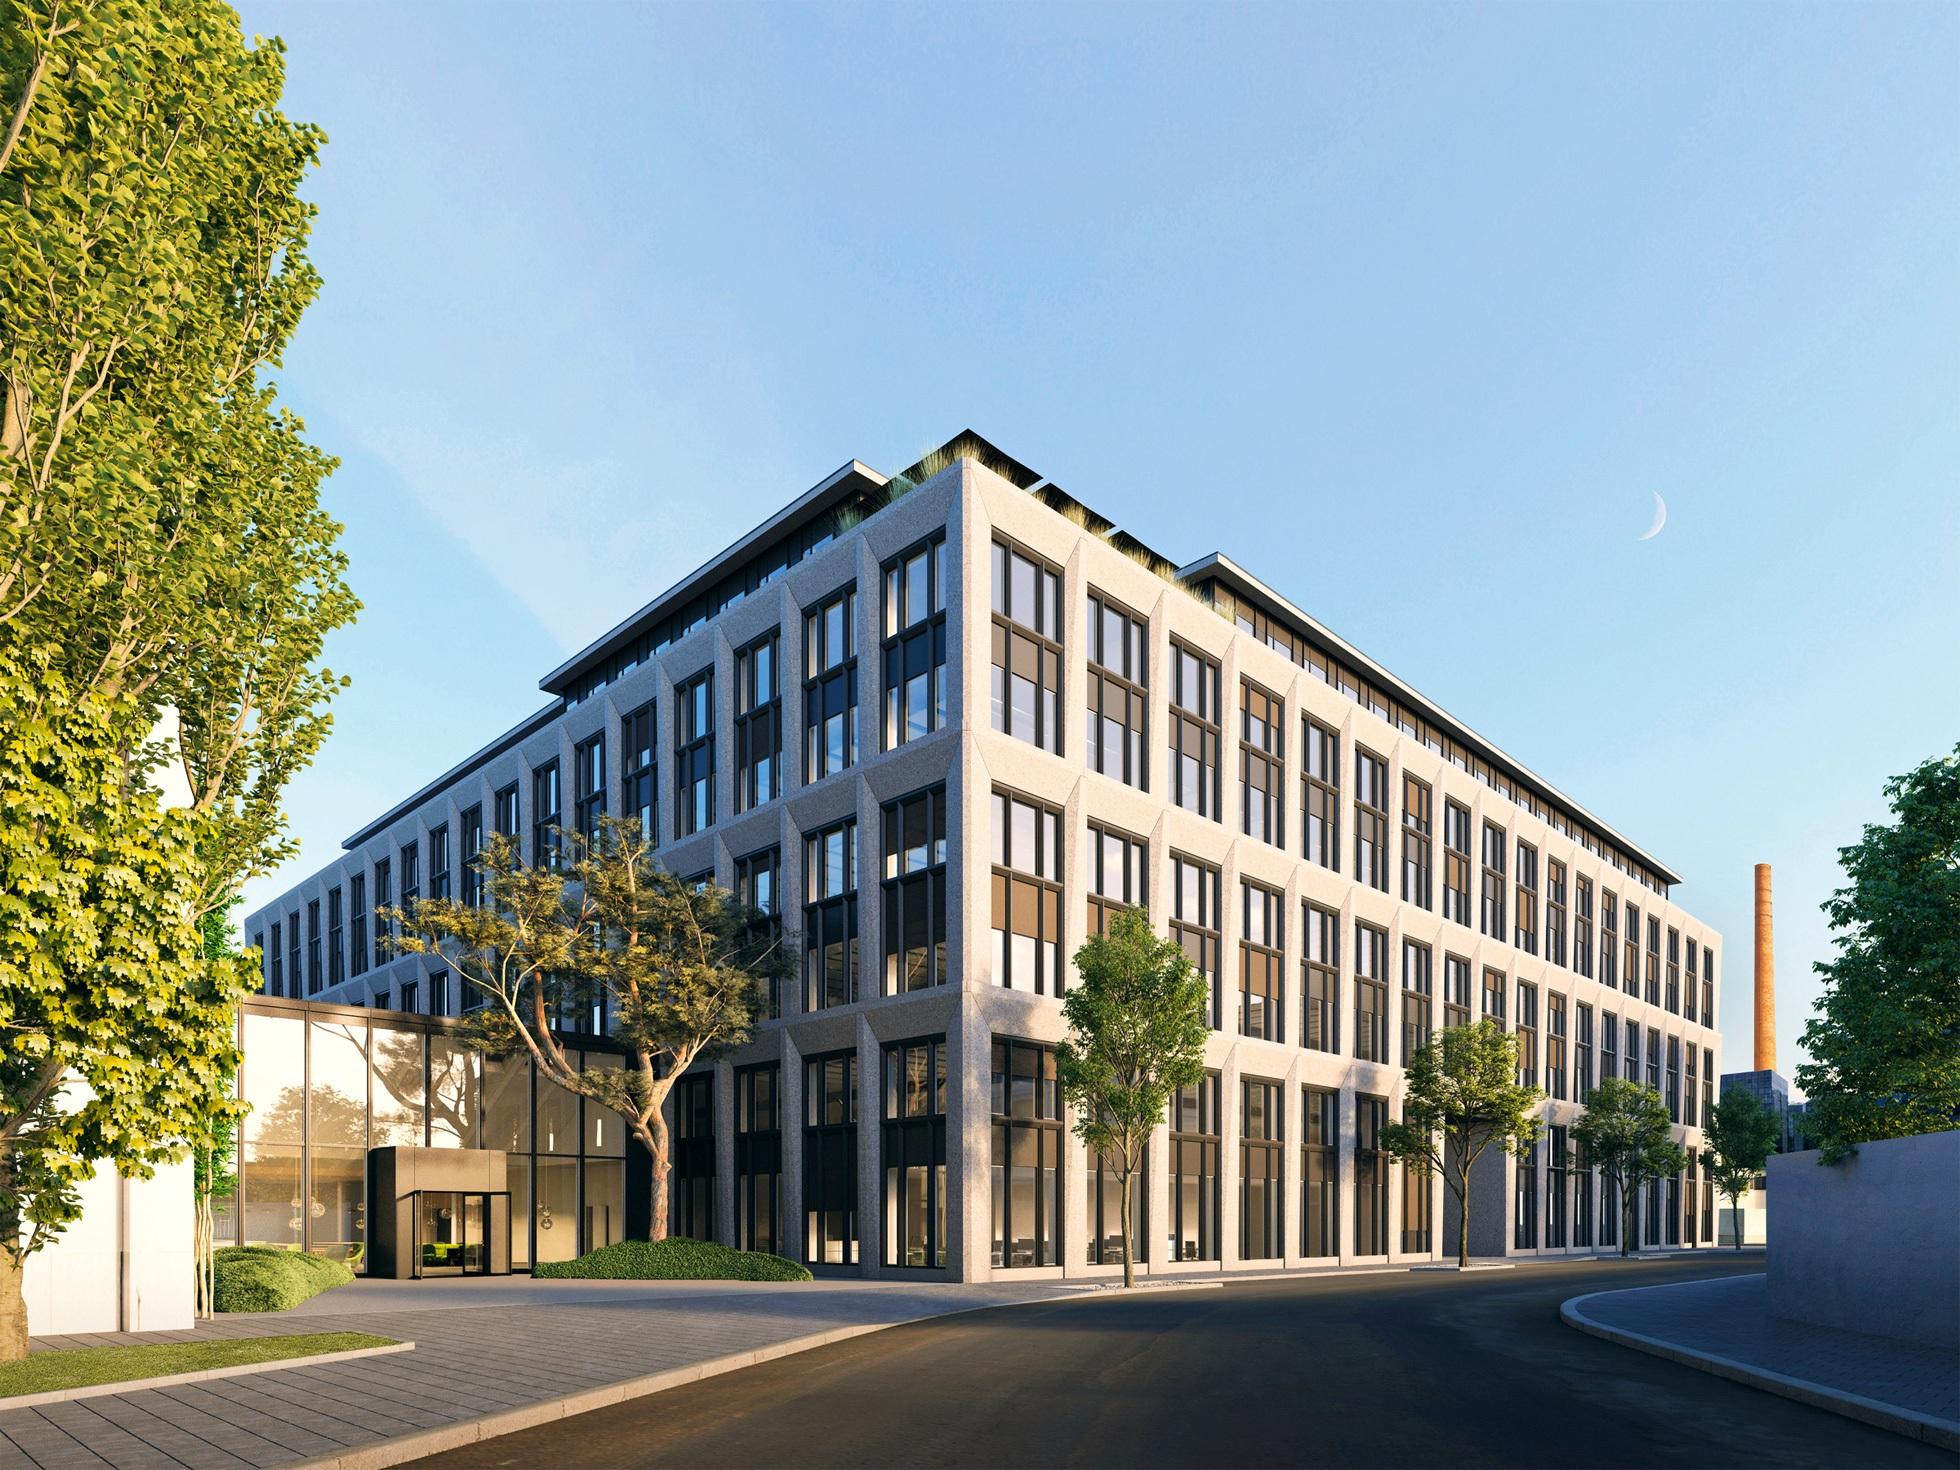 اپل از سرمایه گذاری برای کارخانه طراحی تراشه در آلمان خبر داد